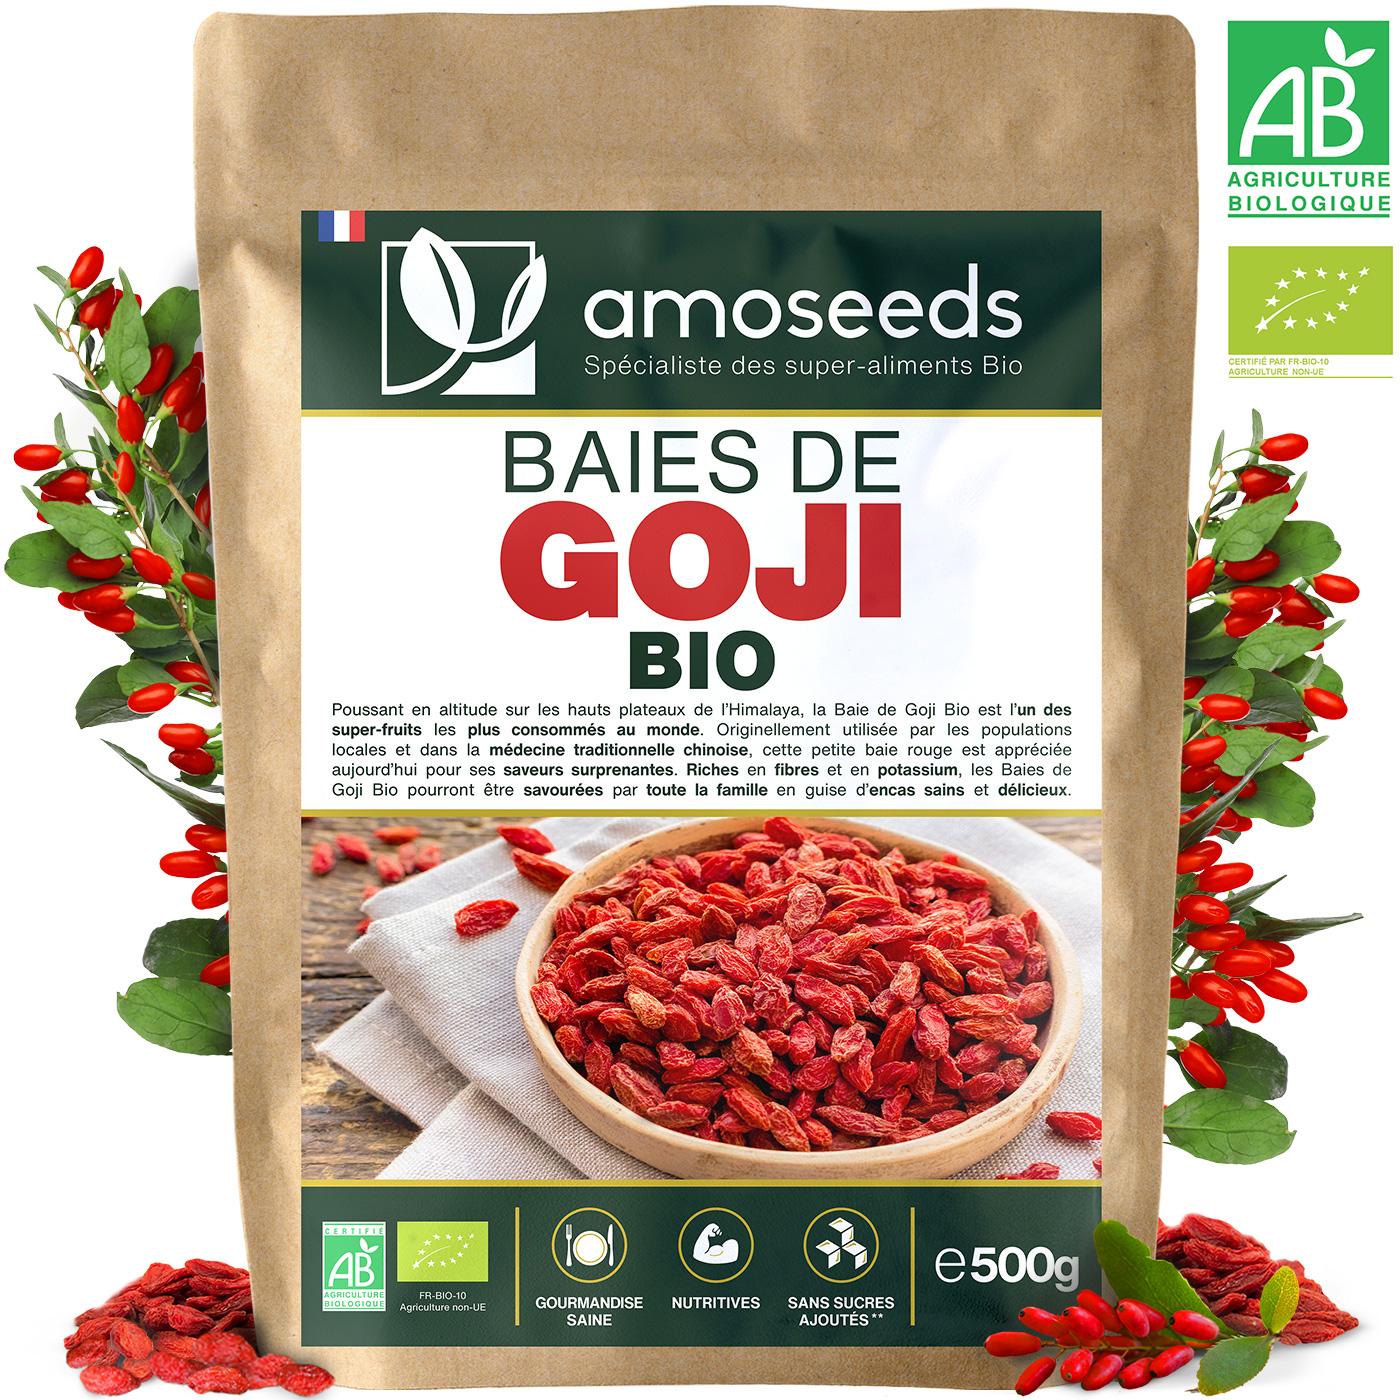 amoseeds - Baies de Goji Bio 500g Himalaya